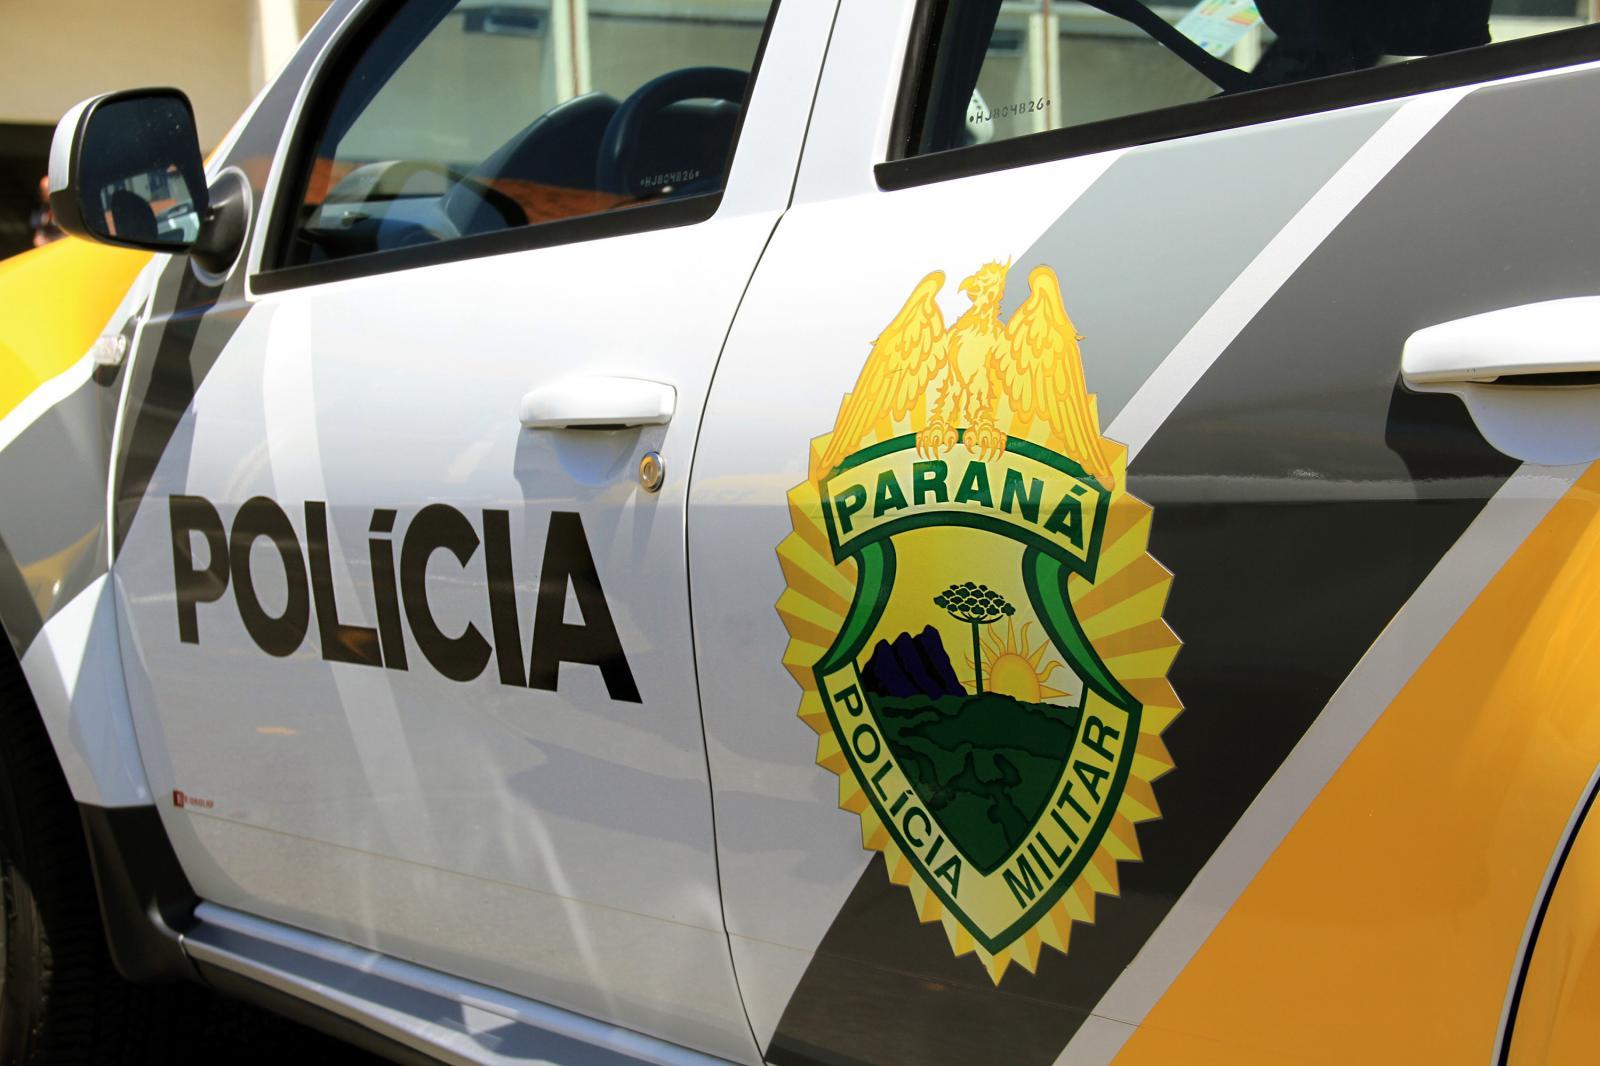 Tentativa de homicídio é registrada pela PM em Laranjeiras do Sul